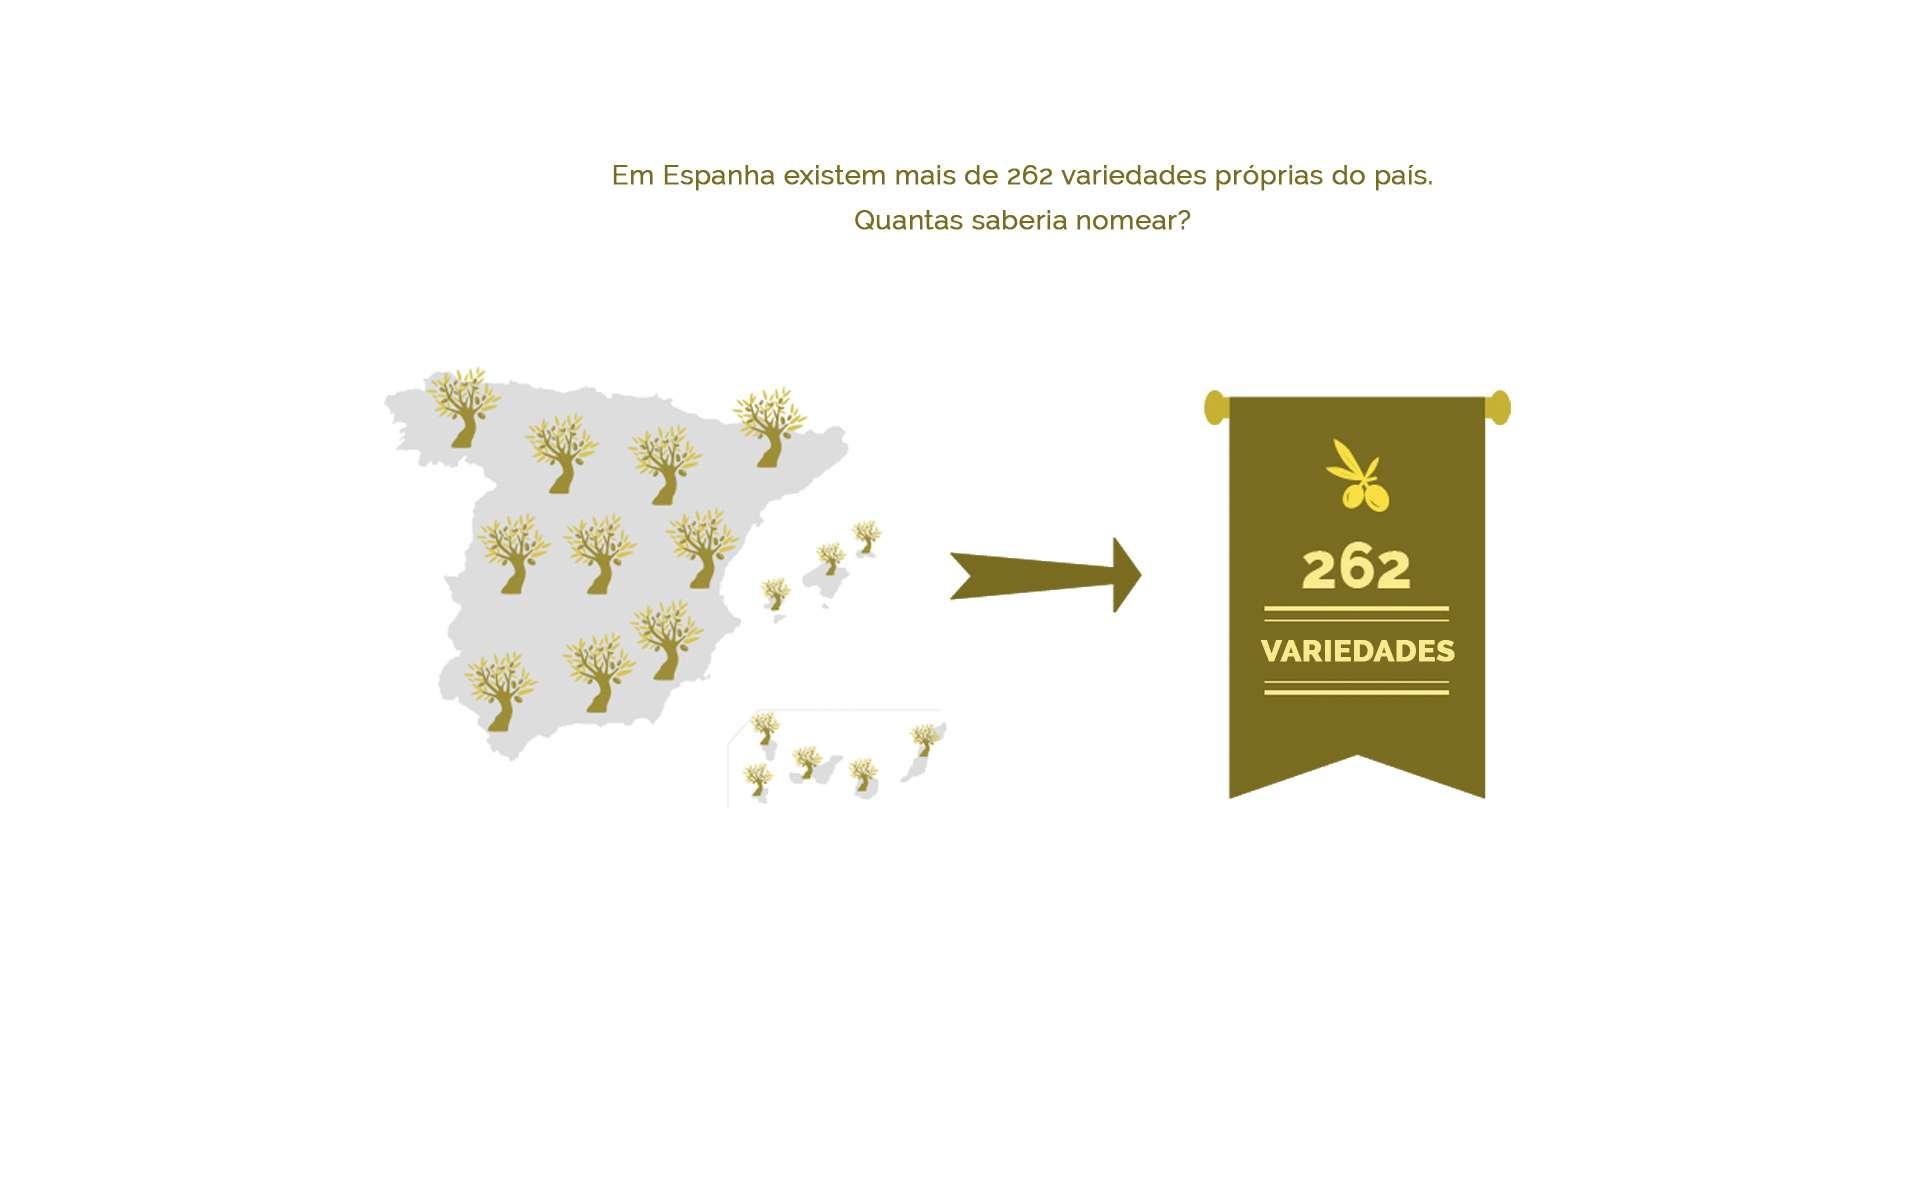 262 variedades do azeite de oliva cultivadas na Espanha